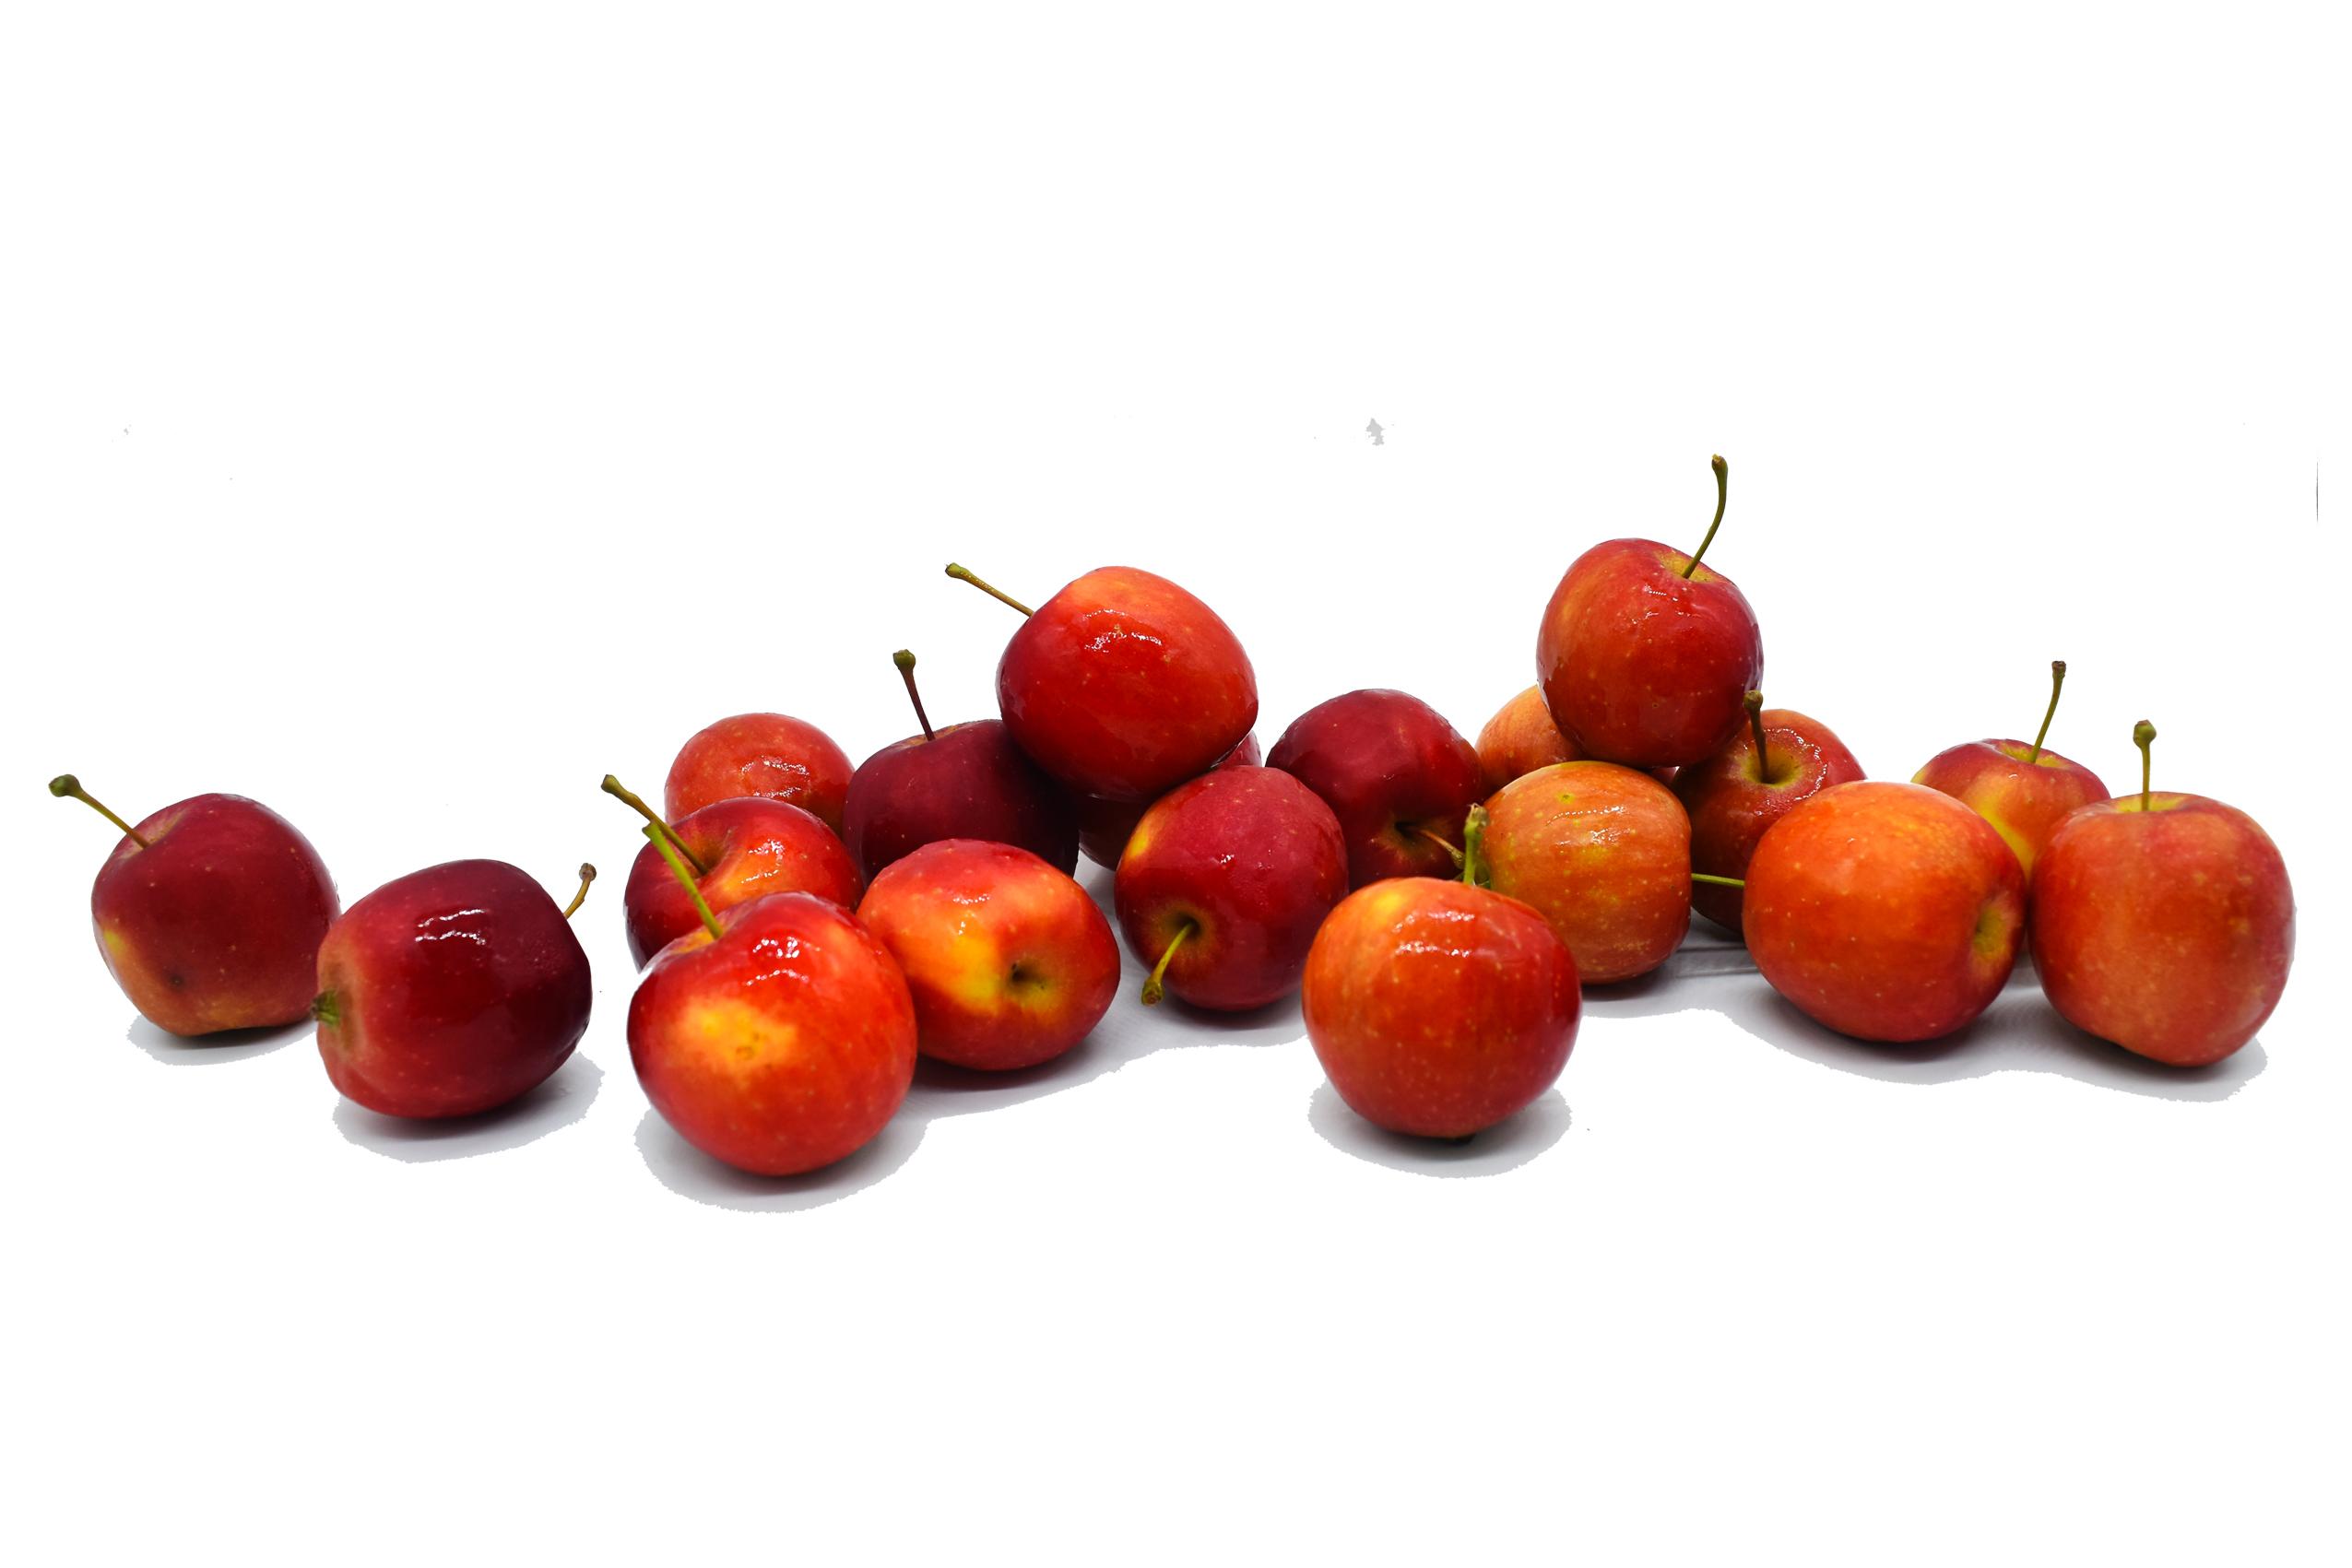 mini-apple-korea-loose